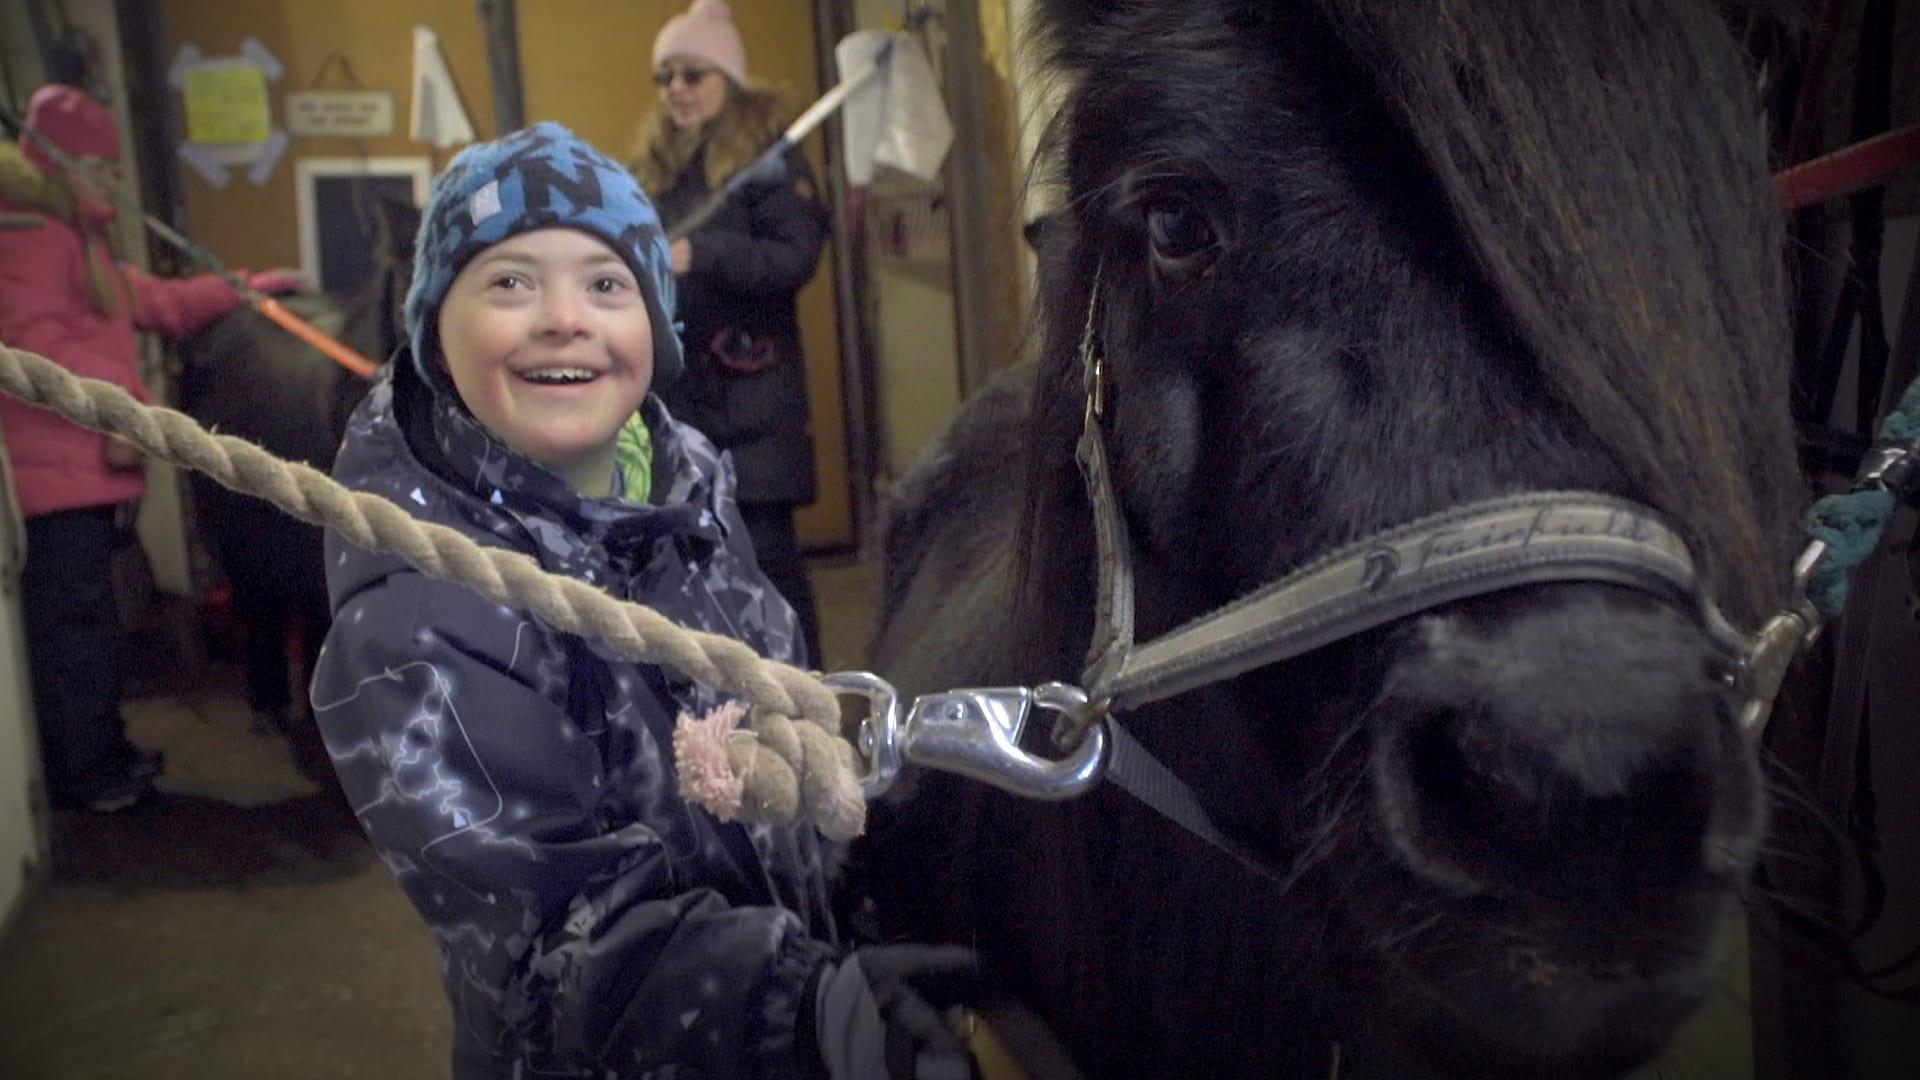 Tioåriga Lenni med downs syndrom står bredvid en häst